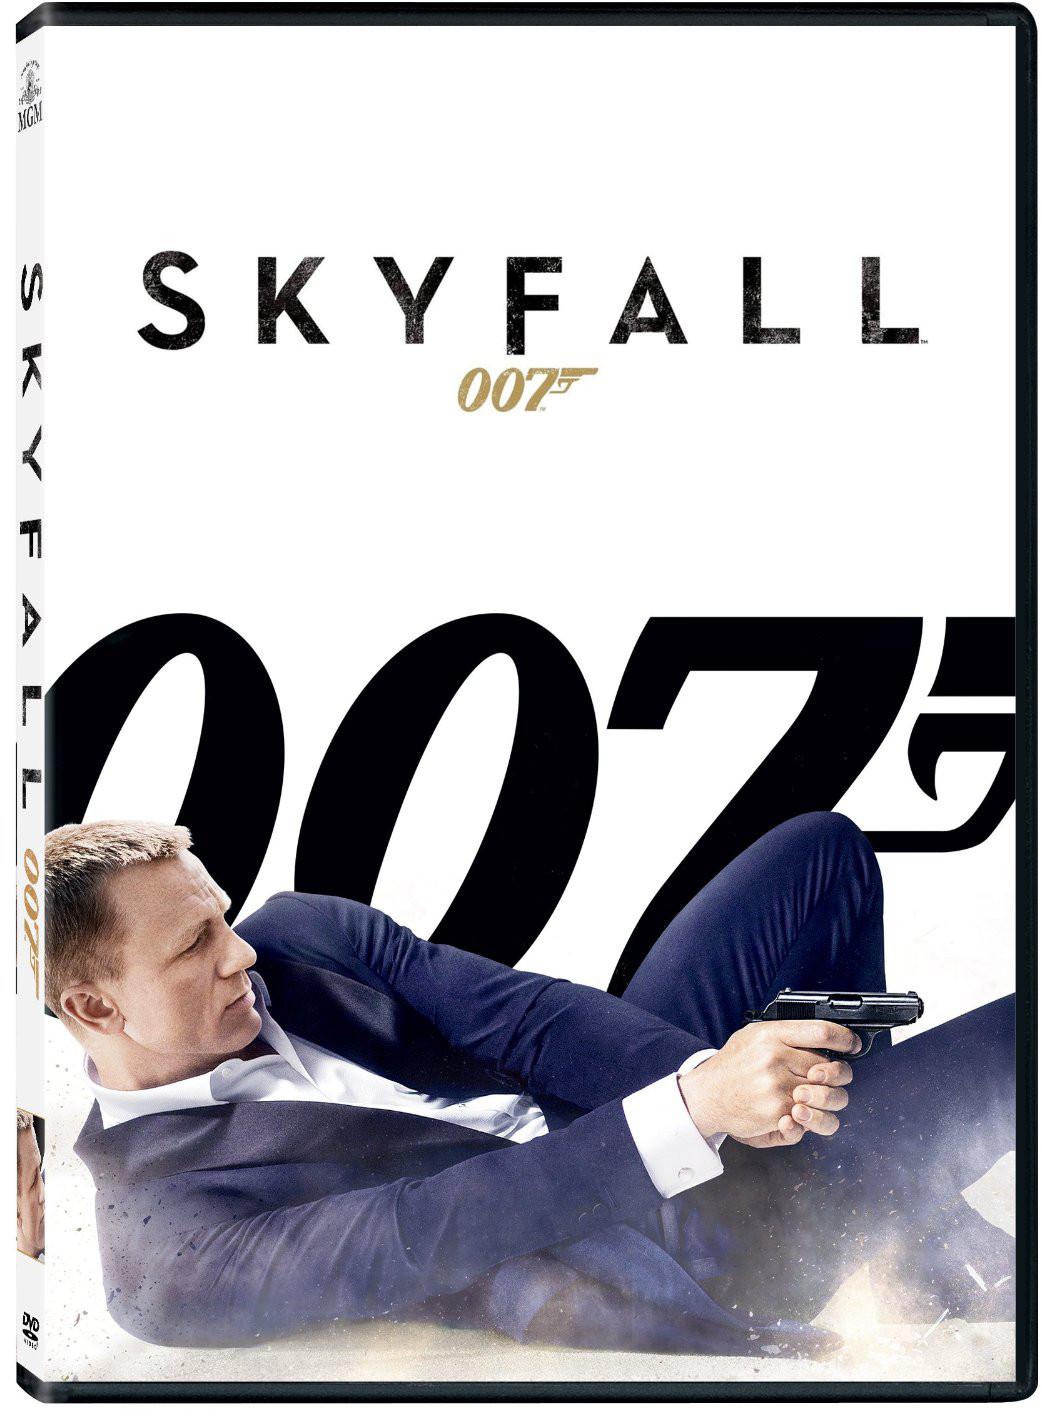 Skyfall_dvd_cover